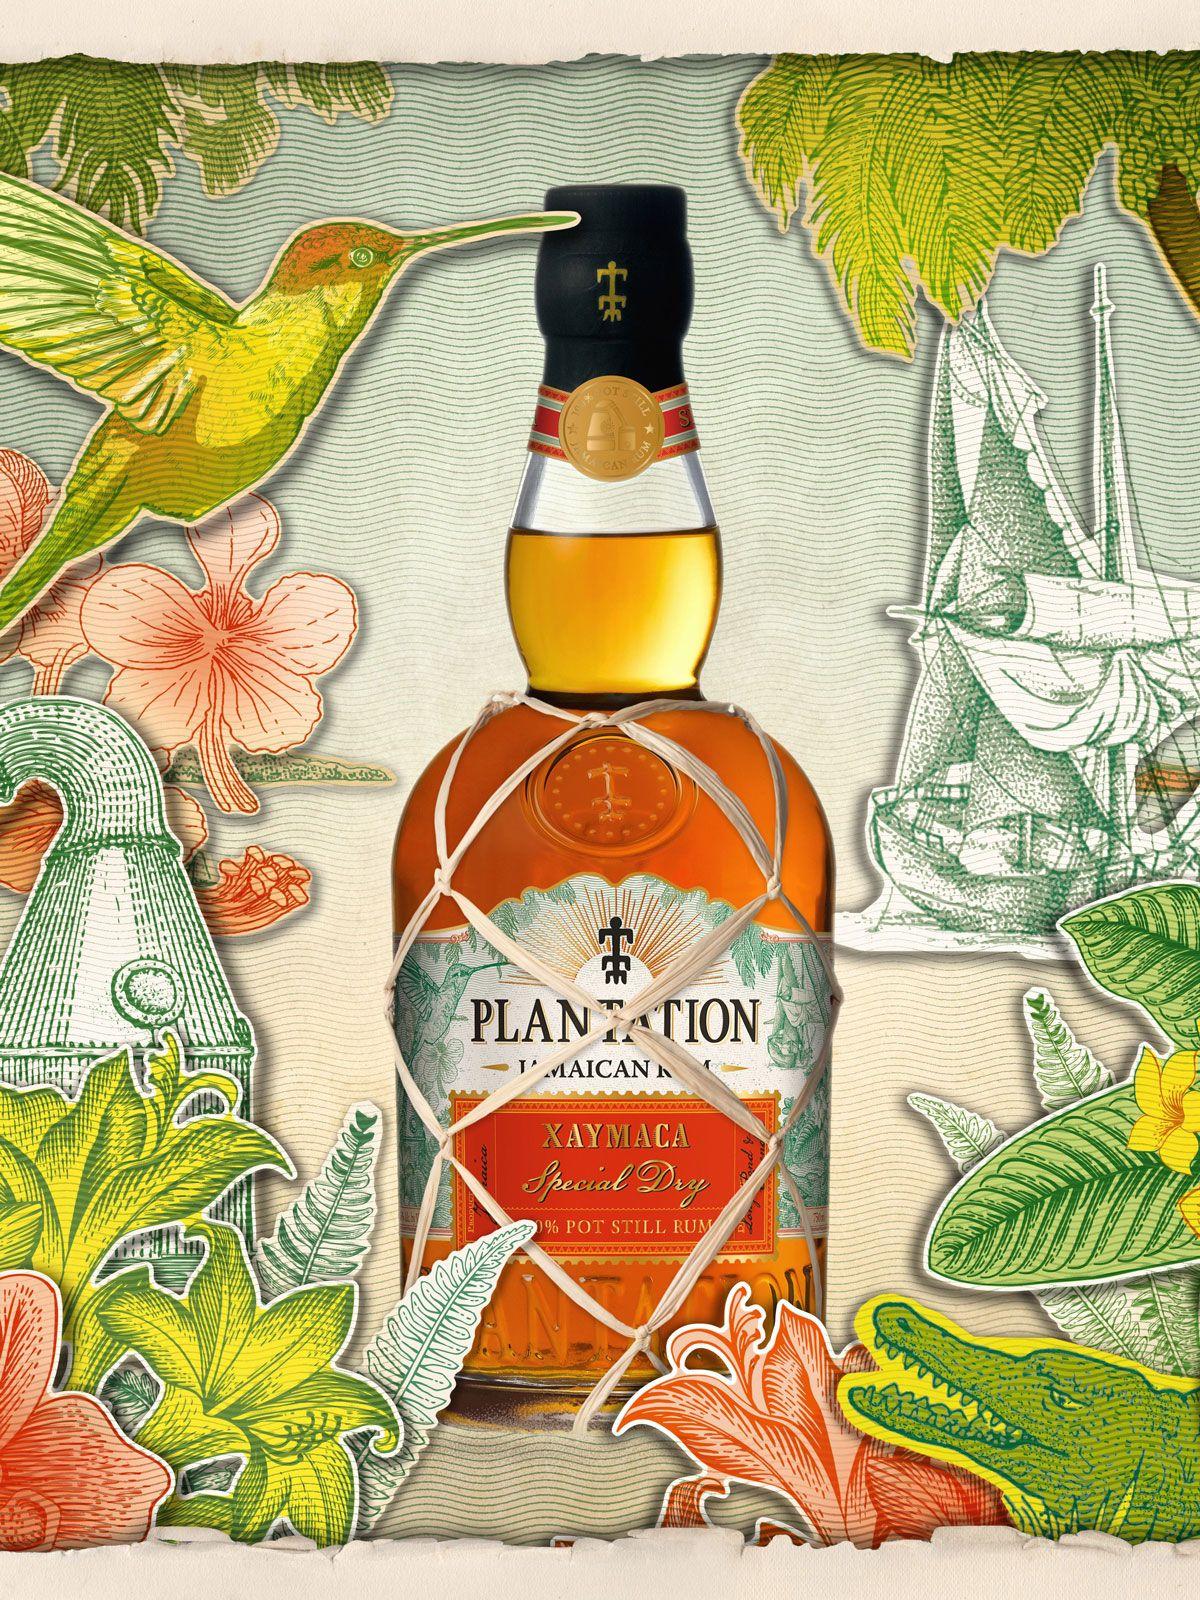 Playntation Rum Xaymaca Special Dry, Zutat im Rum Geschenkset